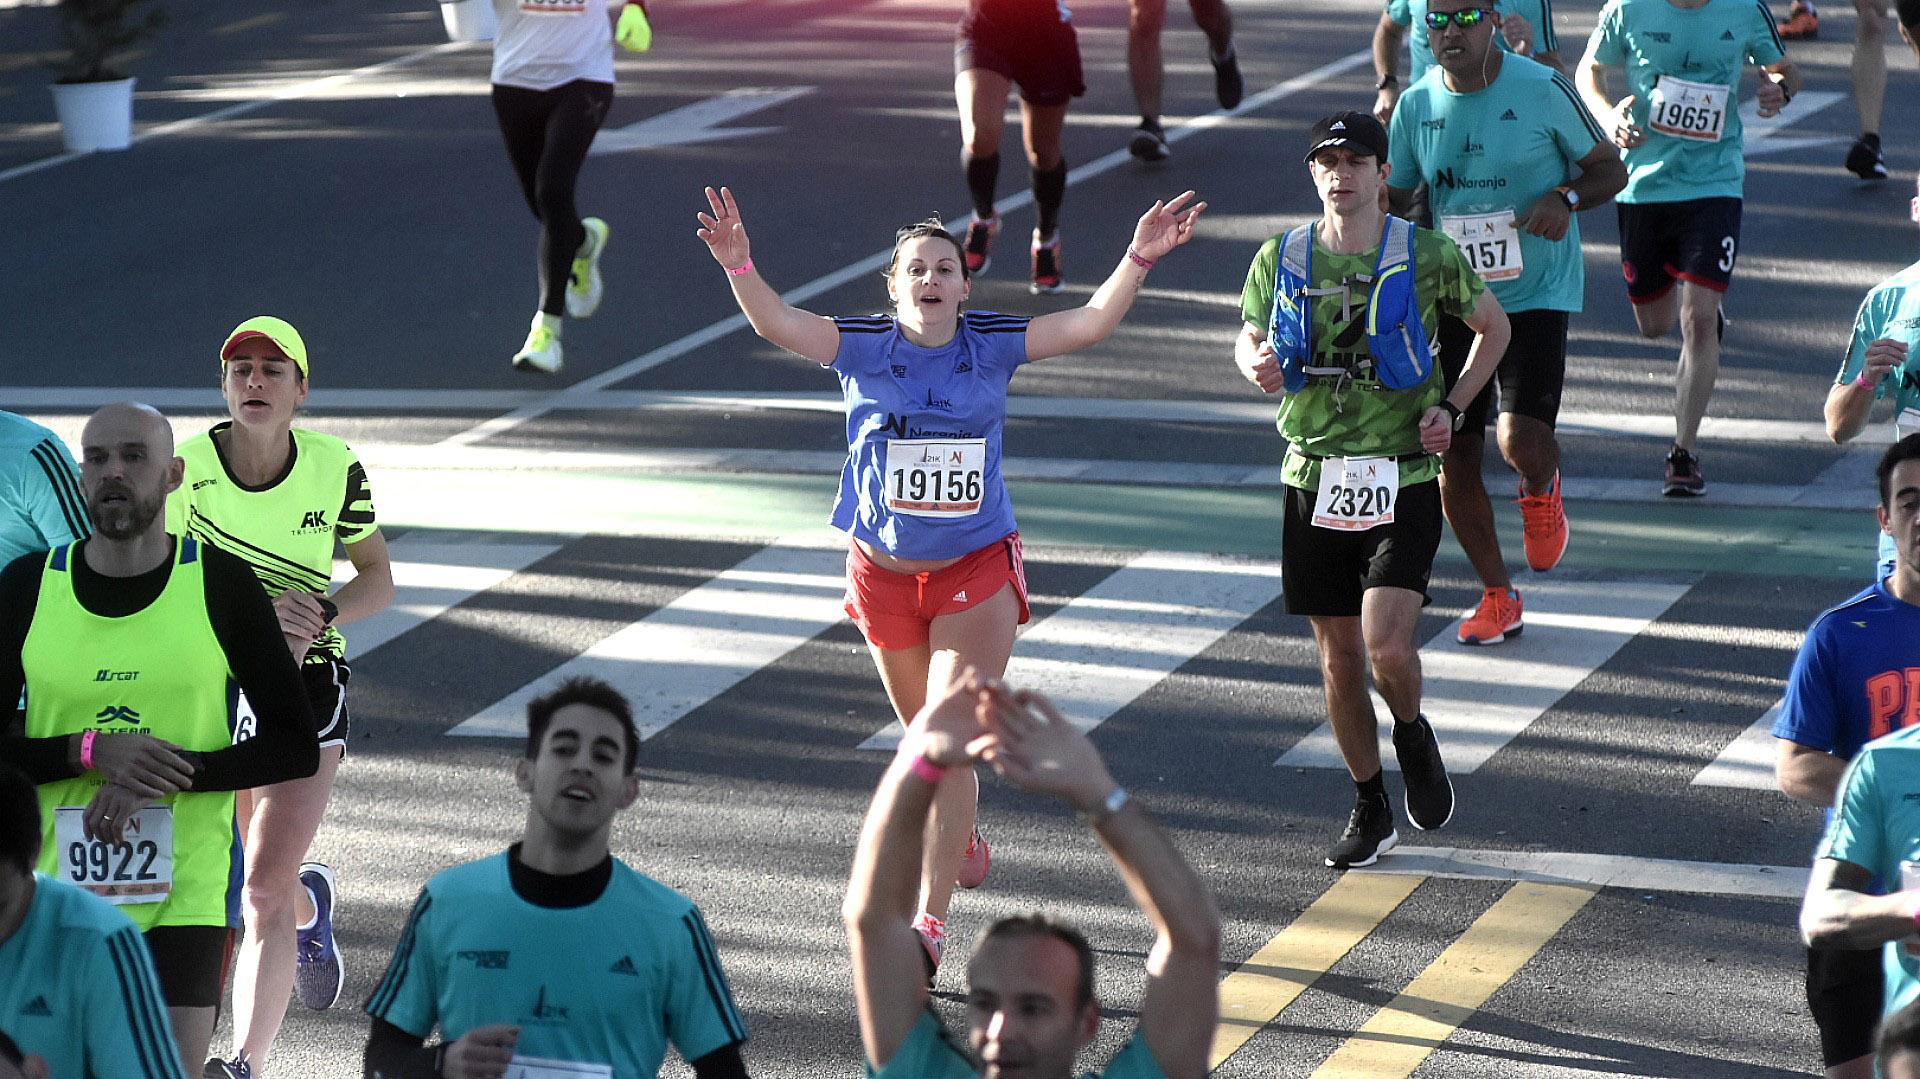 El alivio y la felicidad de lograr el objetivo se ve en los ojos de los corredores que comienzan a llegar